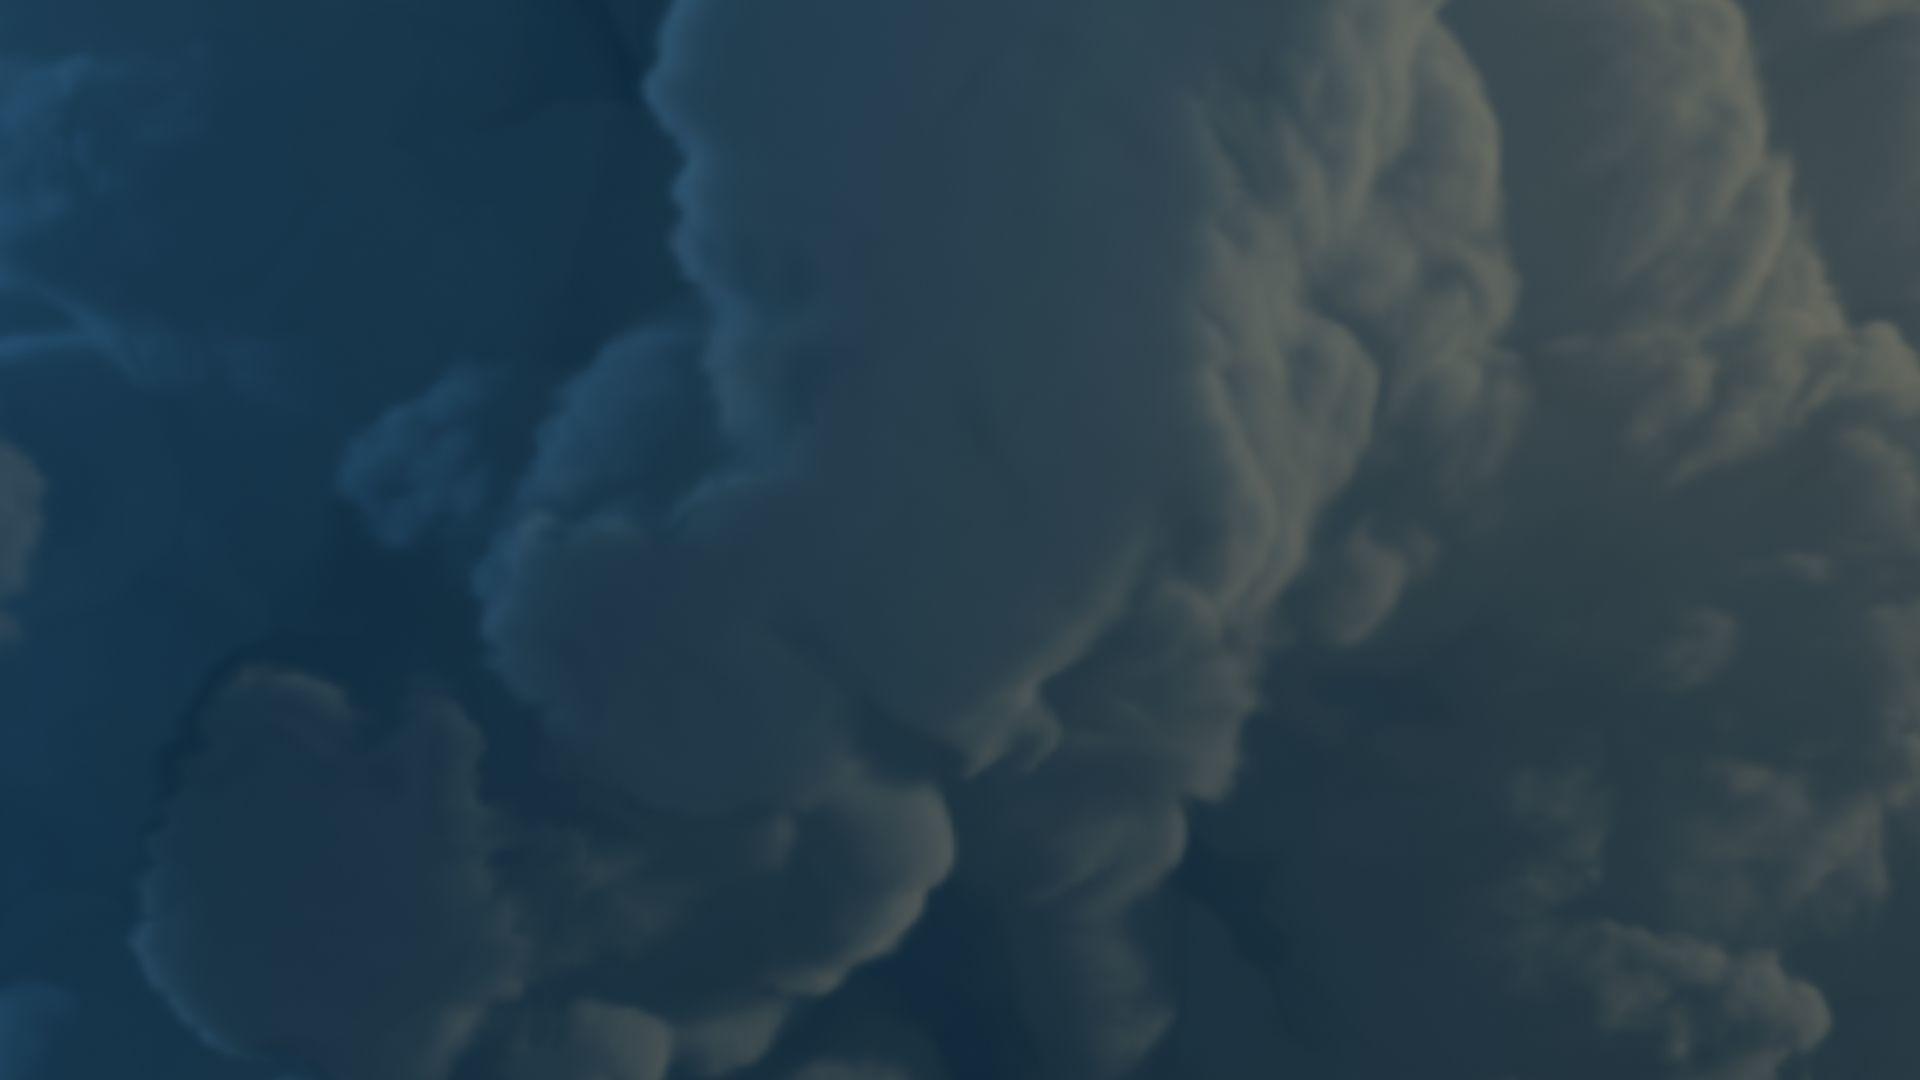 FumeFx Cloud Design Asset